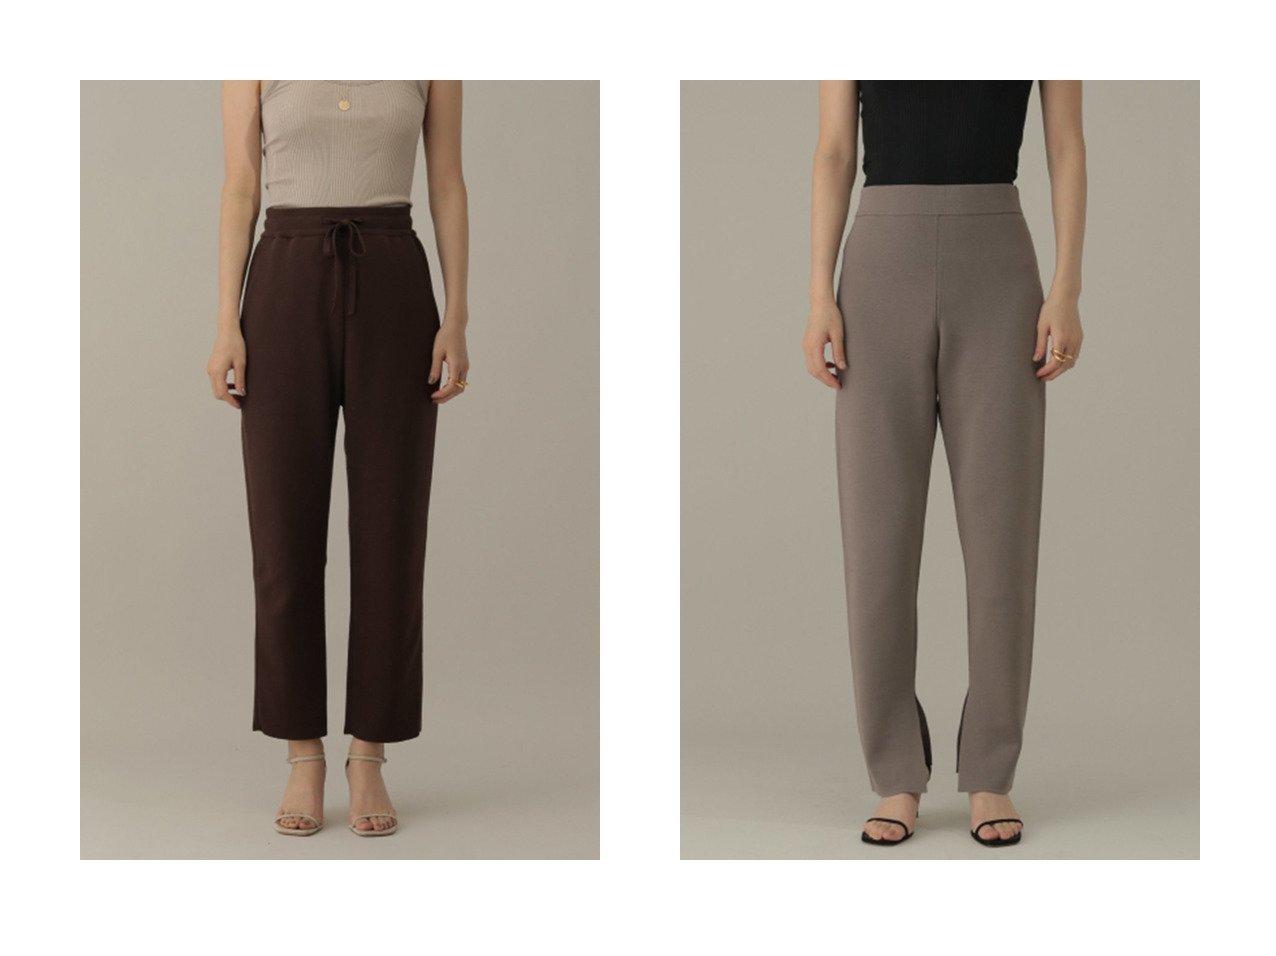 【Chaos/カオス】のアゴラニットパンツ&シルクコンミラノリブスリムパンツ 【パンツ】おすすめ!人気、トレンド・レディースファッションの通販 おすすめで人気の流行・トレンド、ファッションの通販商品 インテリア・家具・メンズファッション・キッズファッション・レディースファッション・服の通販 founy(ファニー) https://founy.com/ ファッション Fashion レディースファッション WOMEN パンツ Pants 2021年 2021 2021-2022秋冬・A/W AW・Autumn/Winter・FW・Fall-Winter・2021-2022 A/W・秋冬 AW・Autumn/Winter・FW・Fall-Winter おすすめ Recommend キャミソール シルク ストレッチ スリット スリム セットアップ バランス パターン ミラノリブ レギンス 人気 なめらか パーカー |ID:crp329100000054032